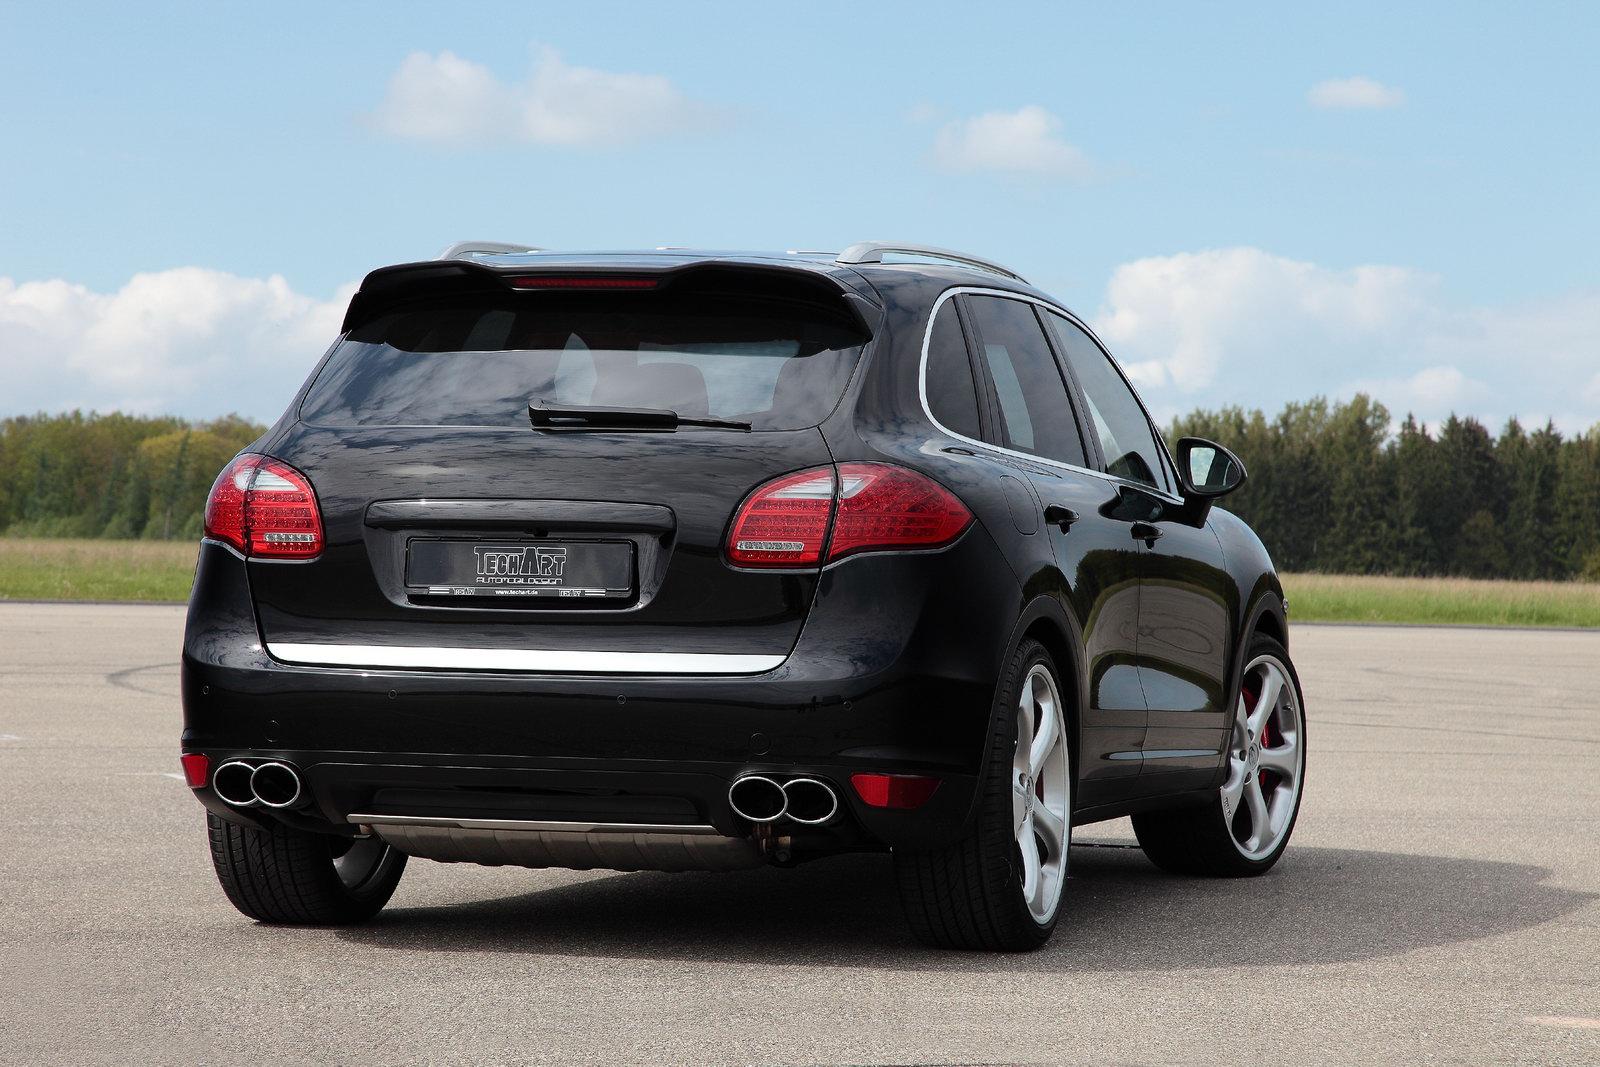 http://4.bp.blogspot.com/_FoXyvaPSnVk/S_aJV_IMt9I/AAAAAAAC4Ho/Xvu-x3cIO58/s1600/TechArt-Porsche-Cayenne-4.jpg